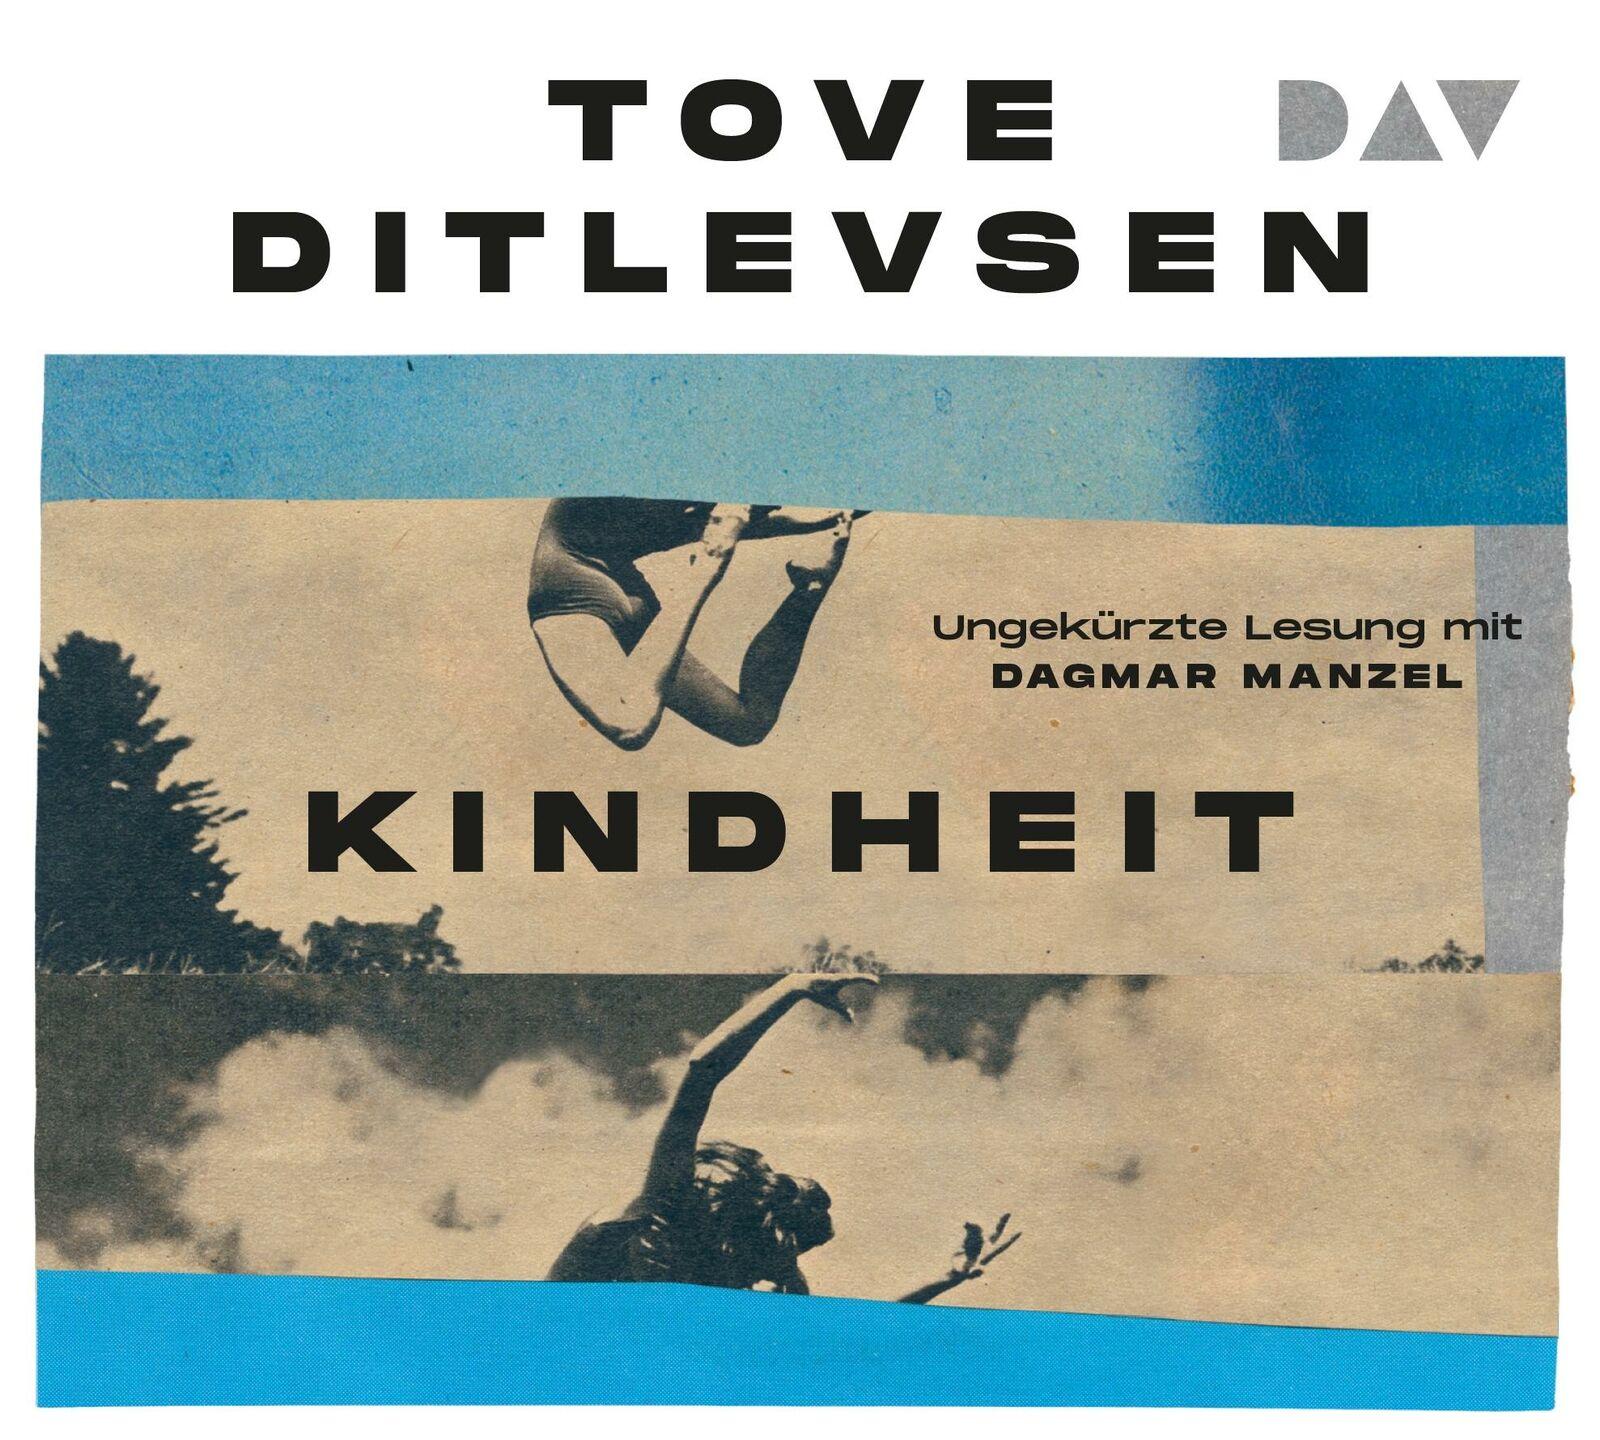 Kindheit Tove Ditlevsen - Hörbuch - Tove Ditlevsen